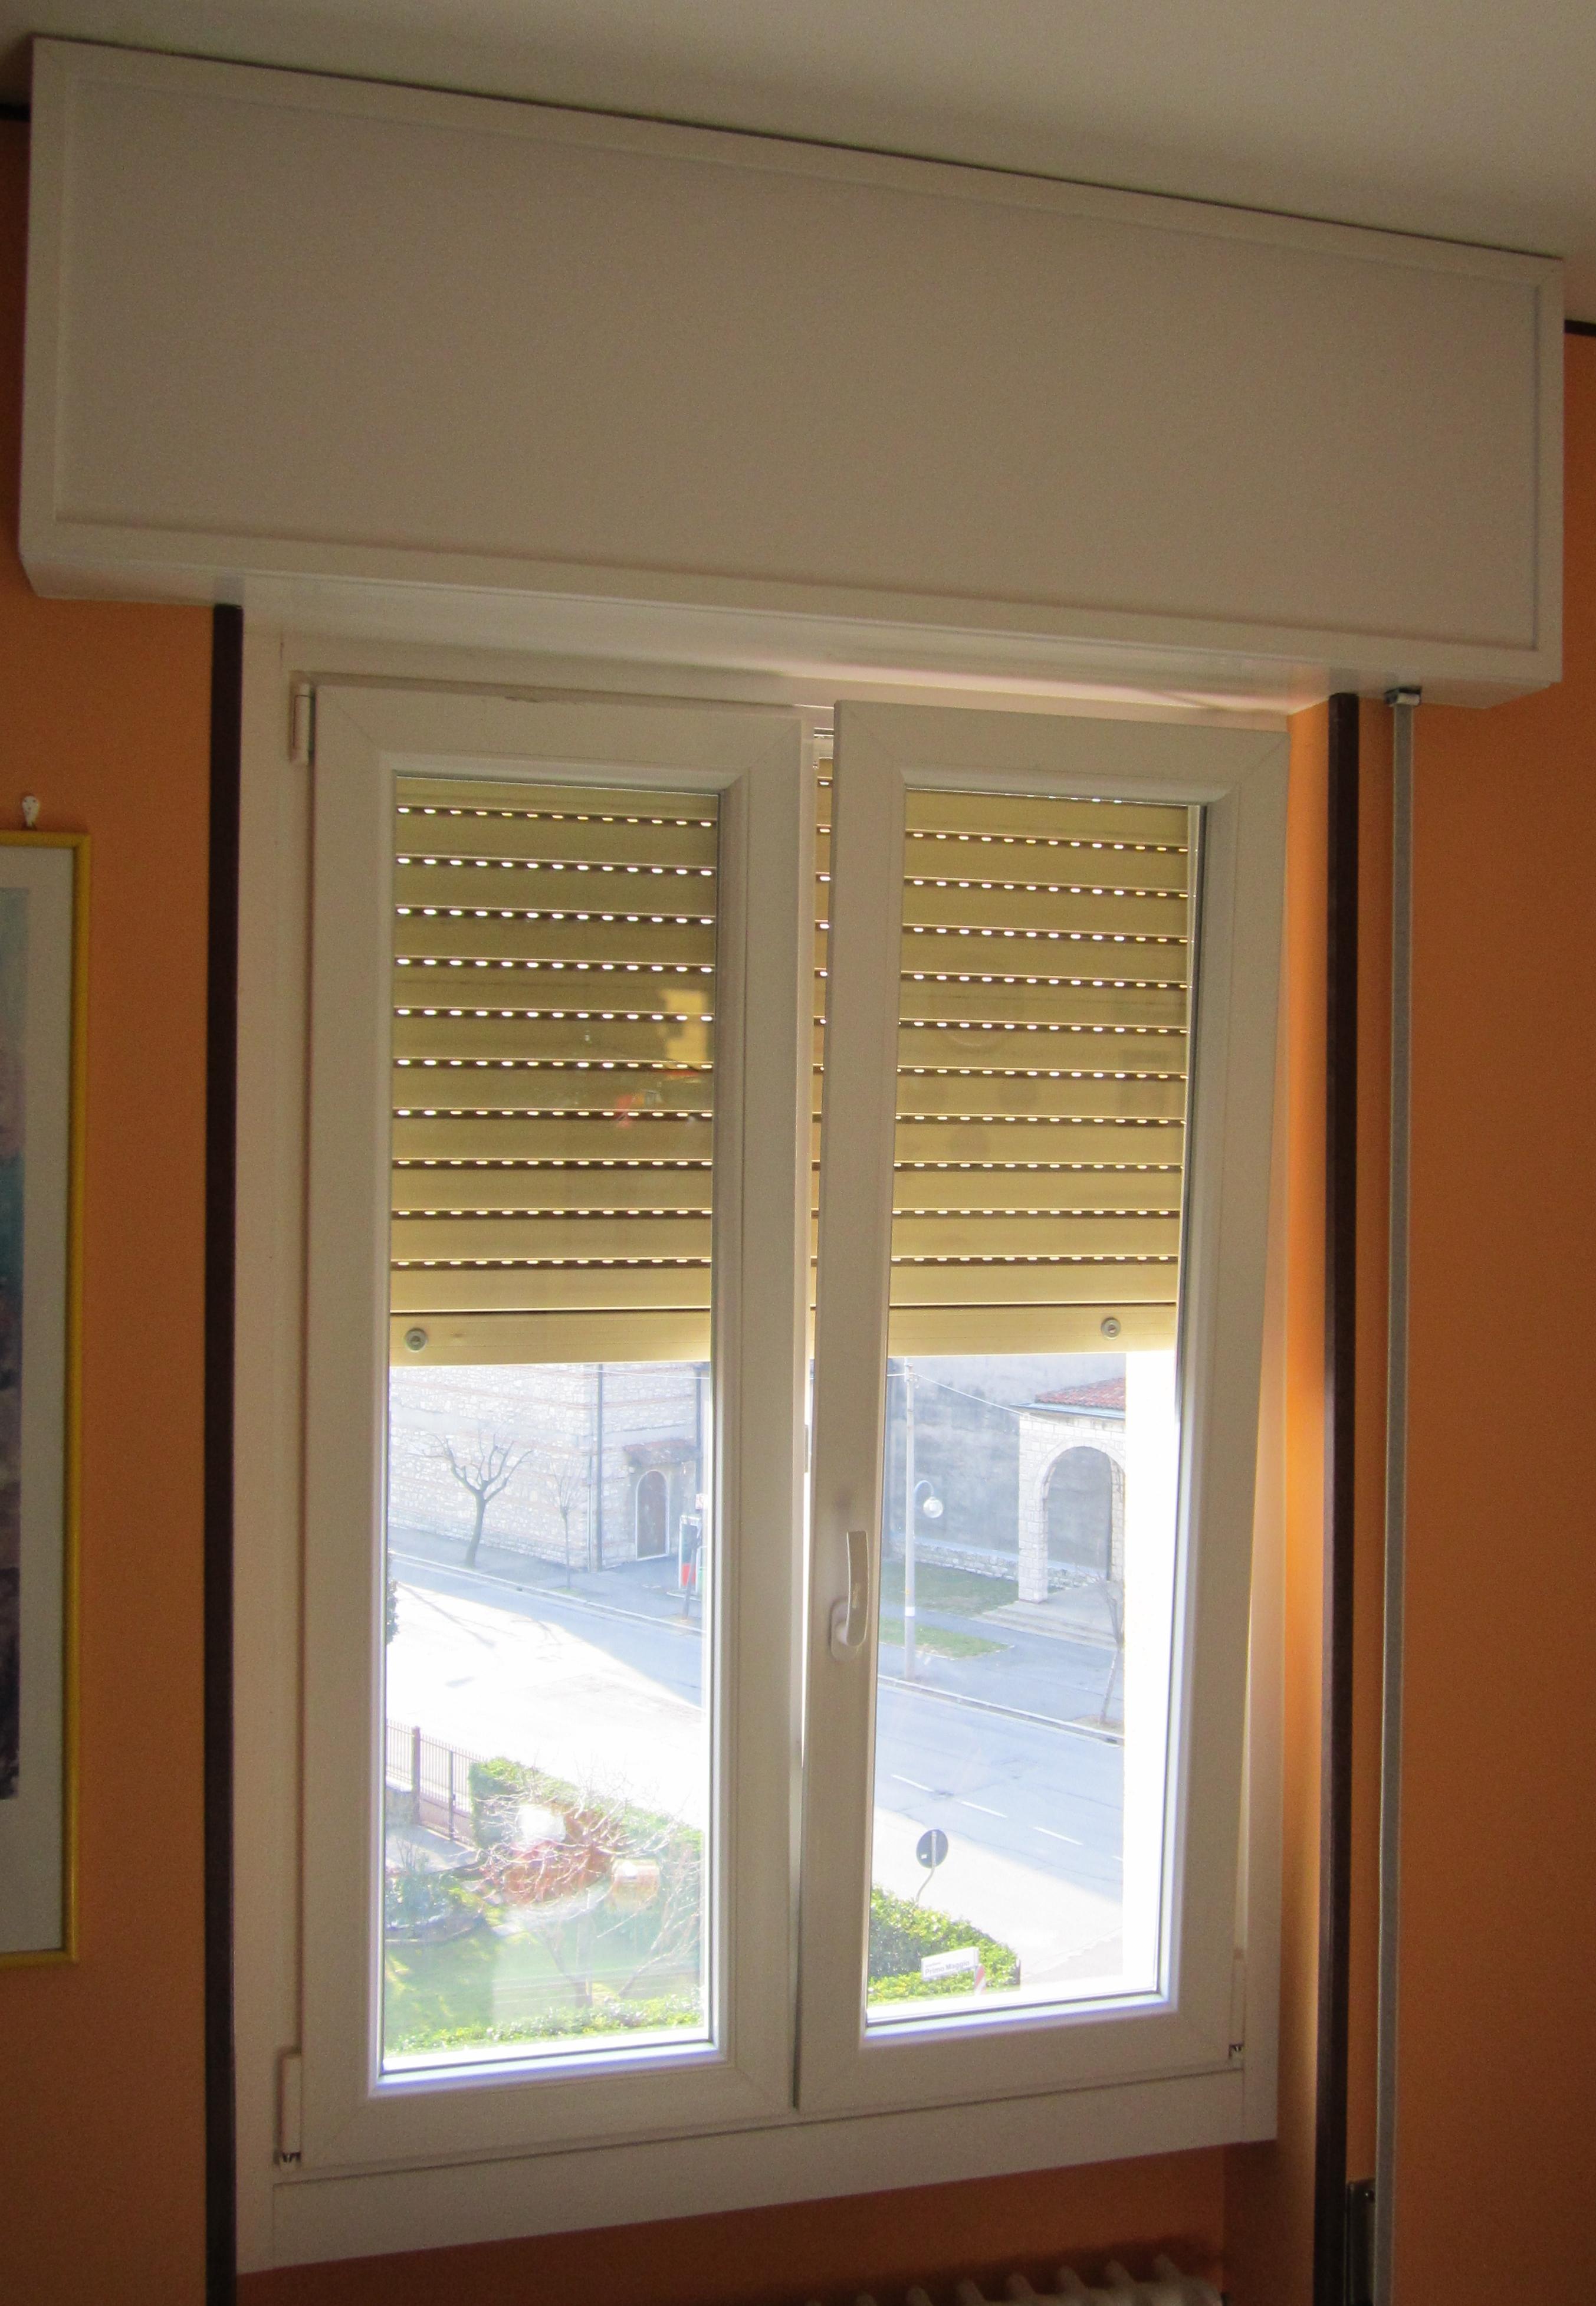 V8 serramenti e infissi finestre risparmio energetico porte e portoncini - Ristrutturare porte e finestre ...